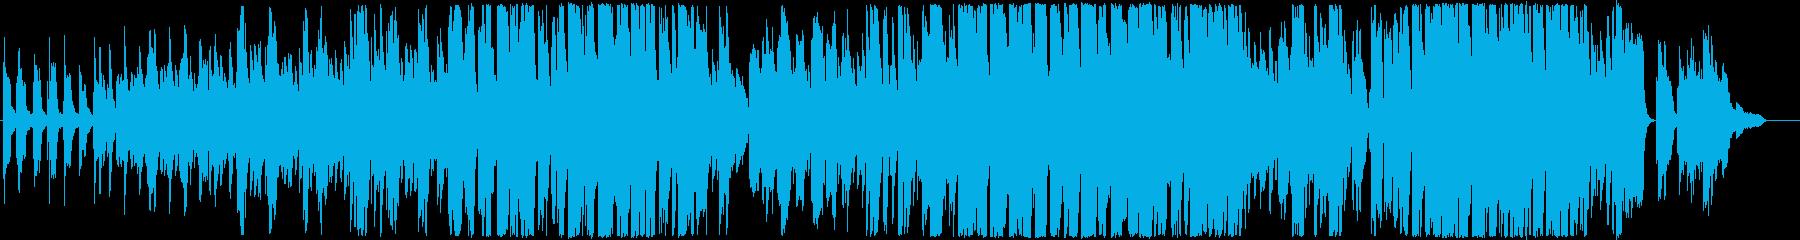 大切な人に捧げた切ないピアノバラードの再生済みの波形